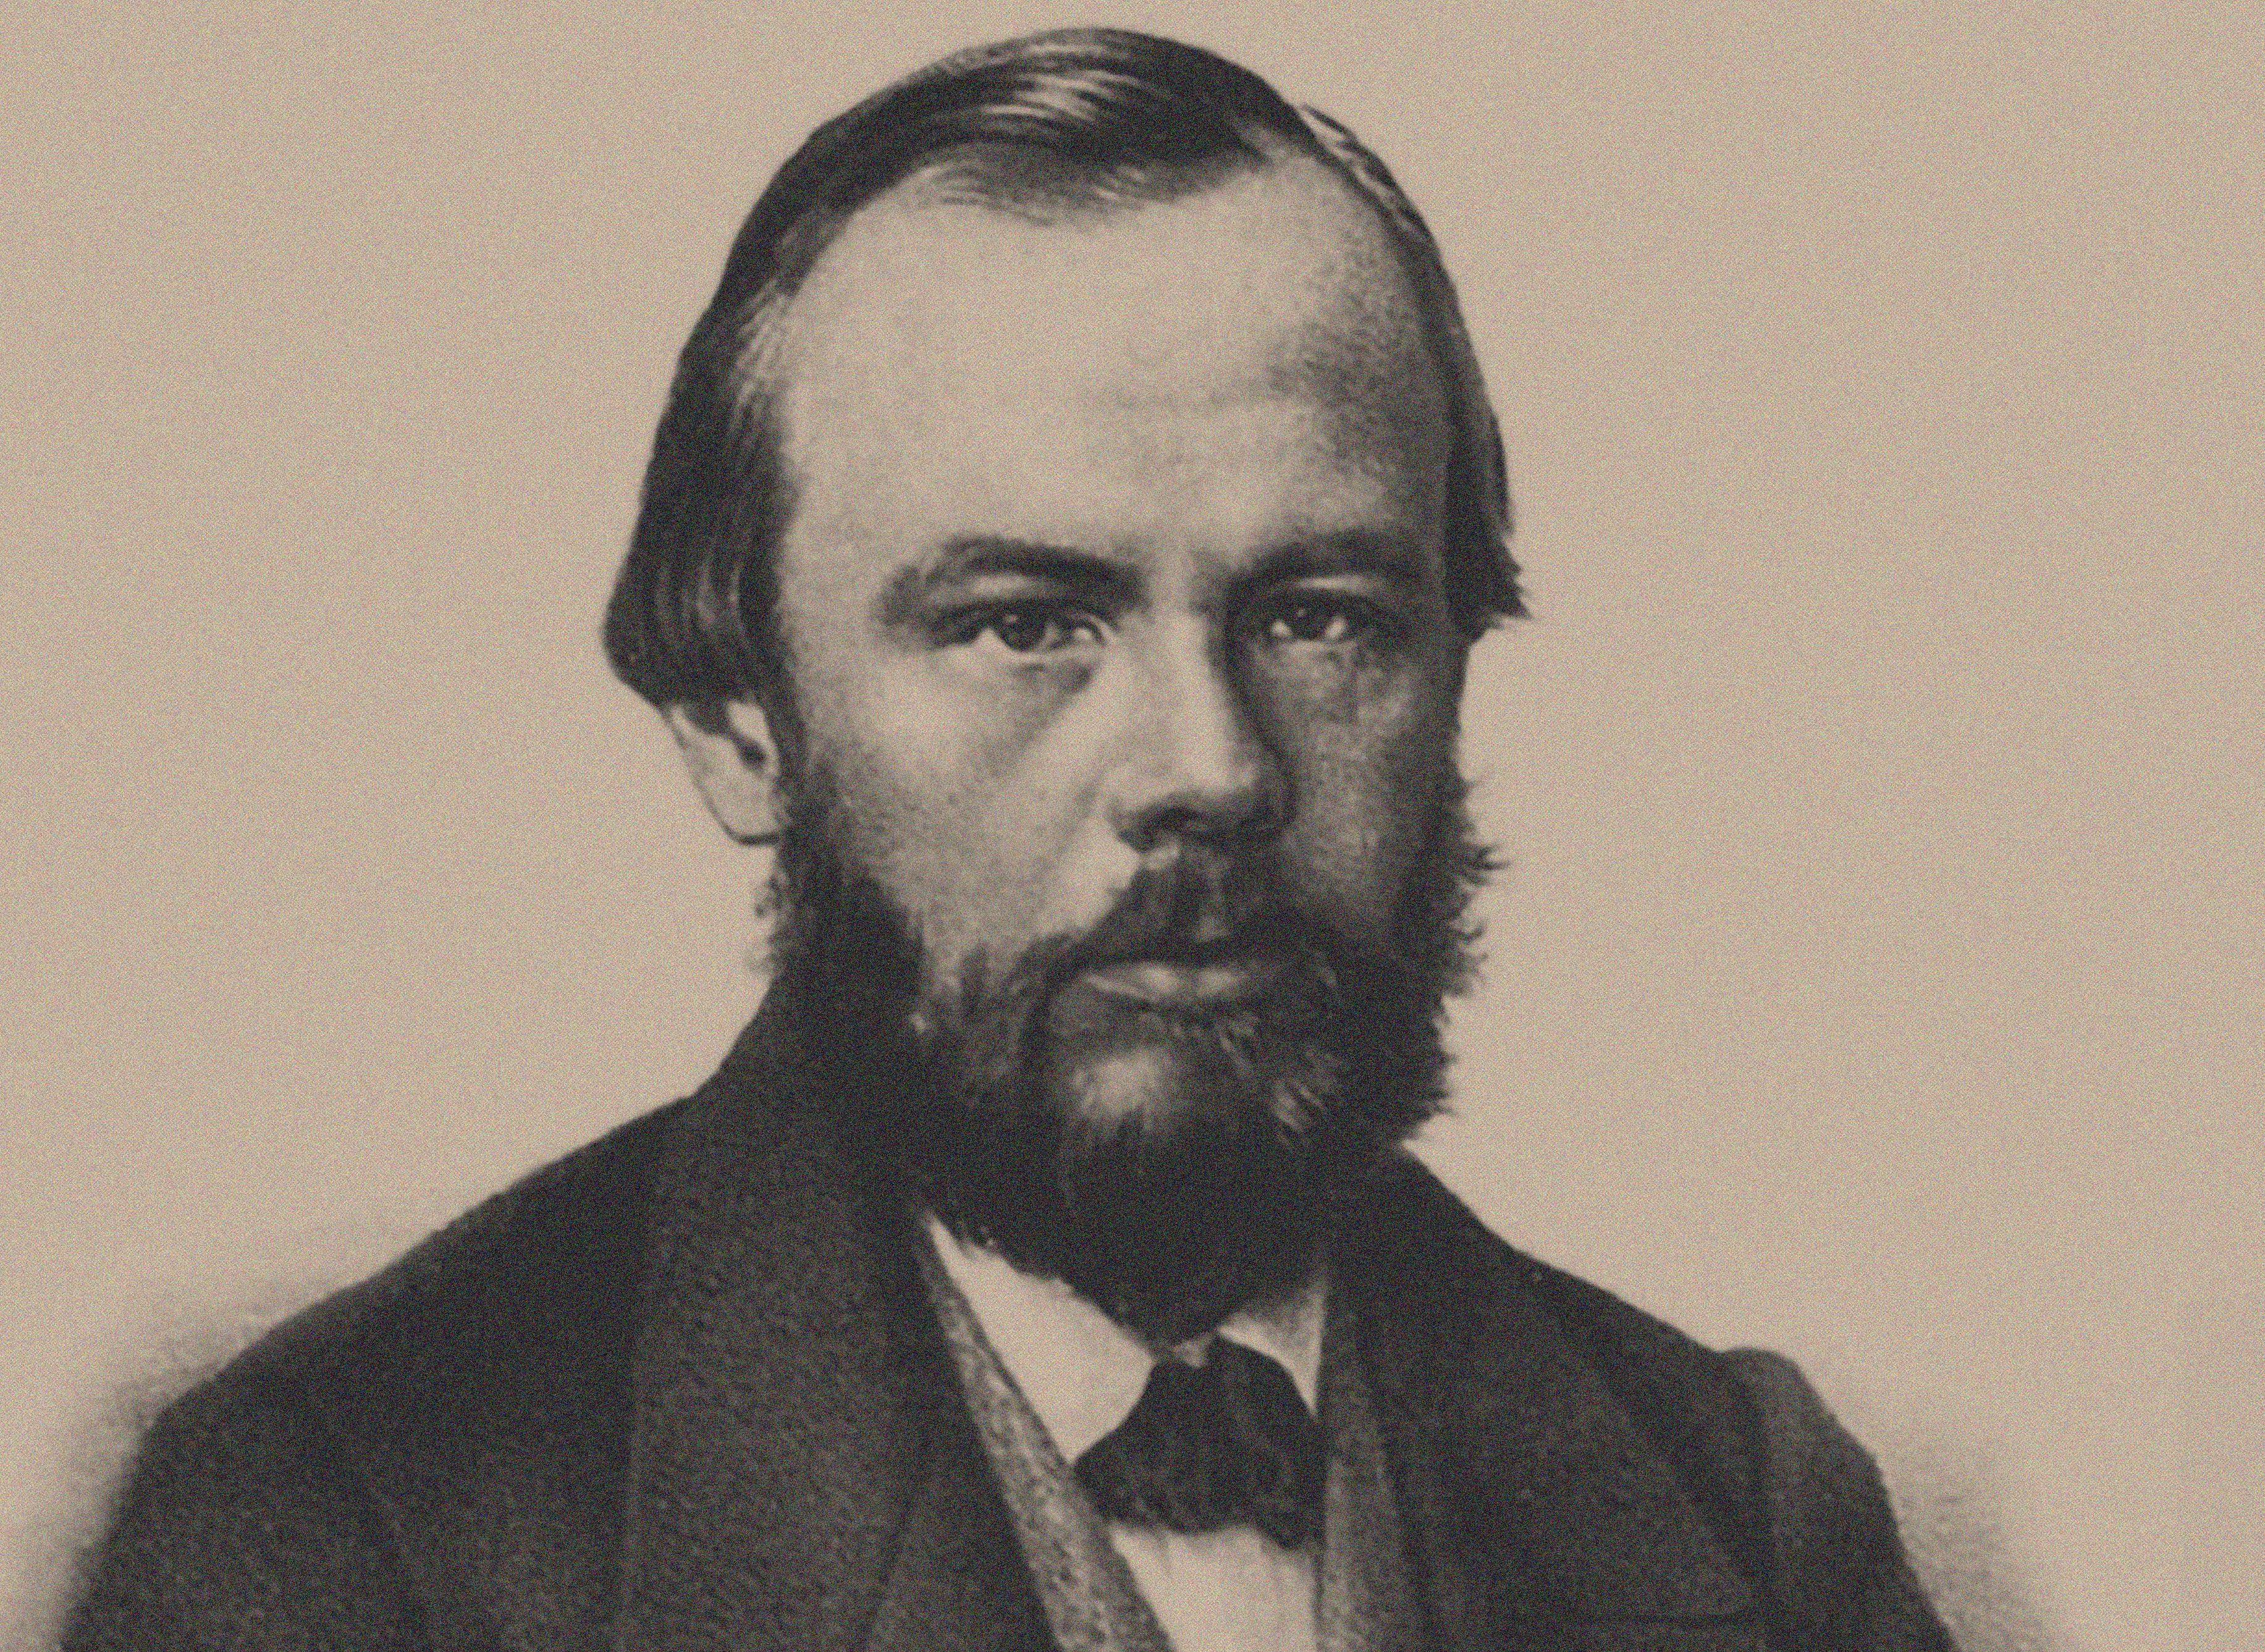 Biography of Fyodor Dostoevsky, Russian Novelist